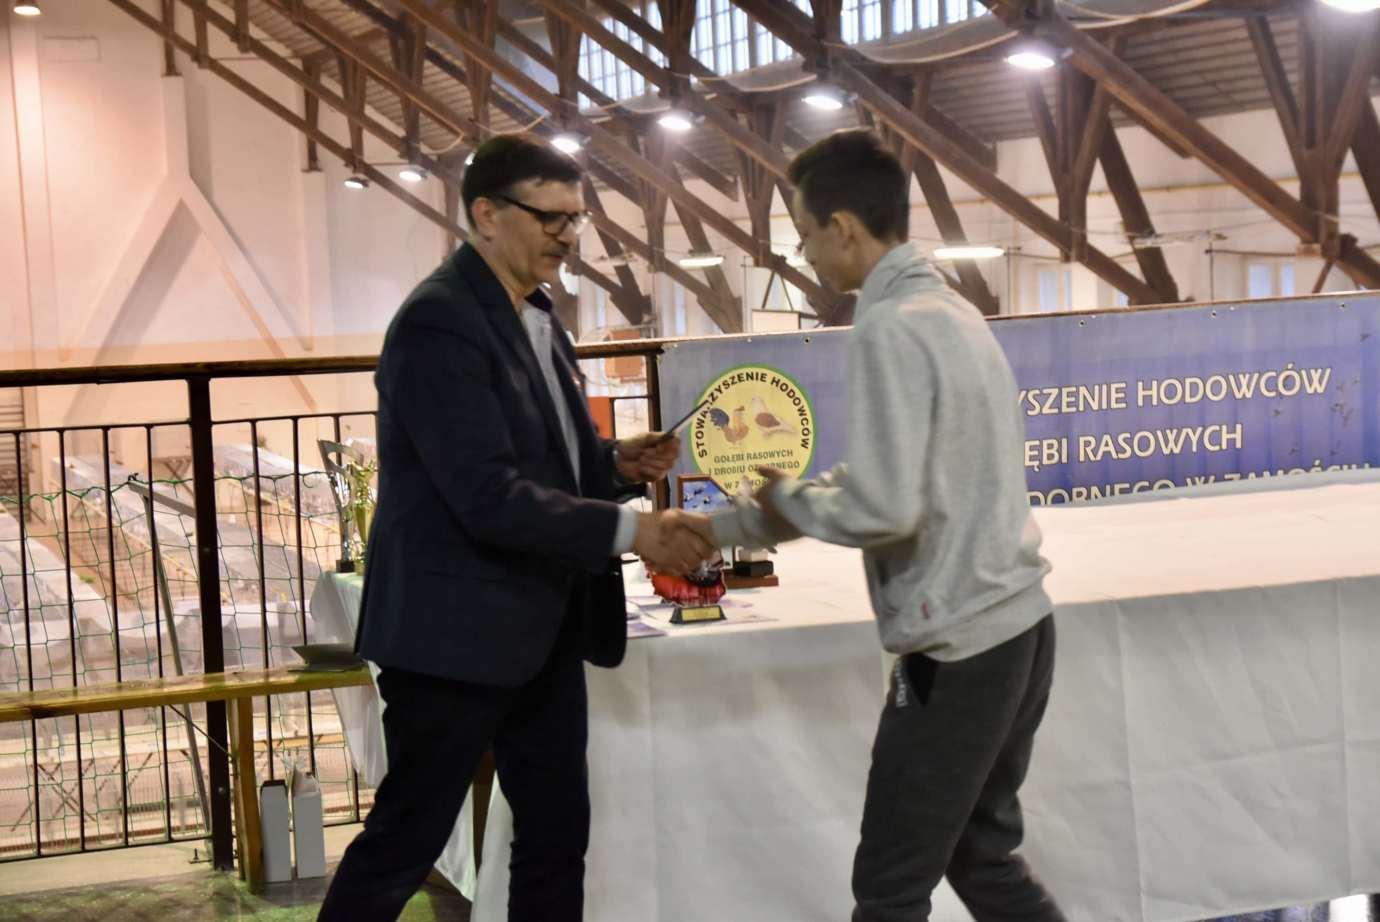 dsc 3805 XI Zamojska Wystawa Gołębi Rasowych i Drobiu Ozdobnego - publikujemy nazwiska i zdjęcia nagrodzonych